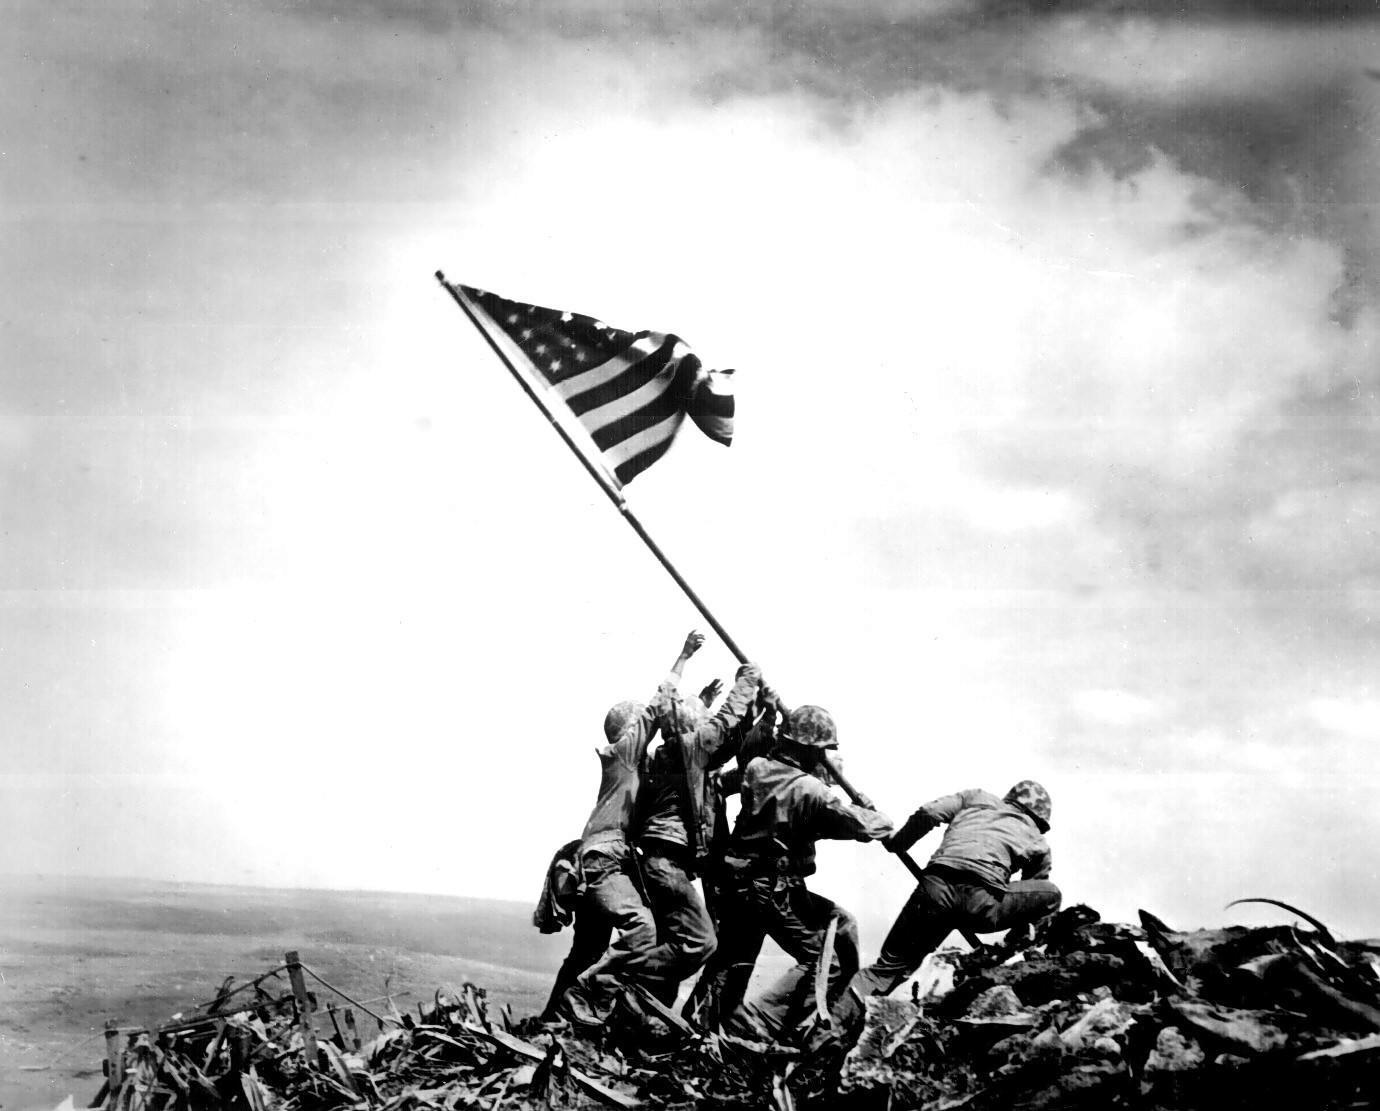 soldados andando sobre uma pilha de destroços, carregando uma haste com a bandeira americana